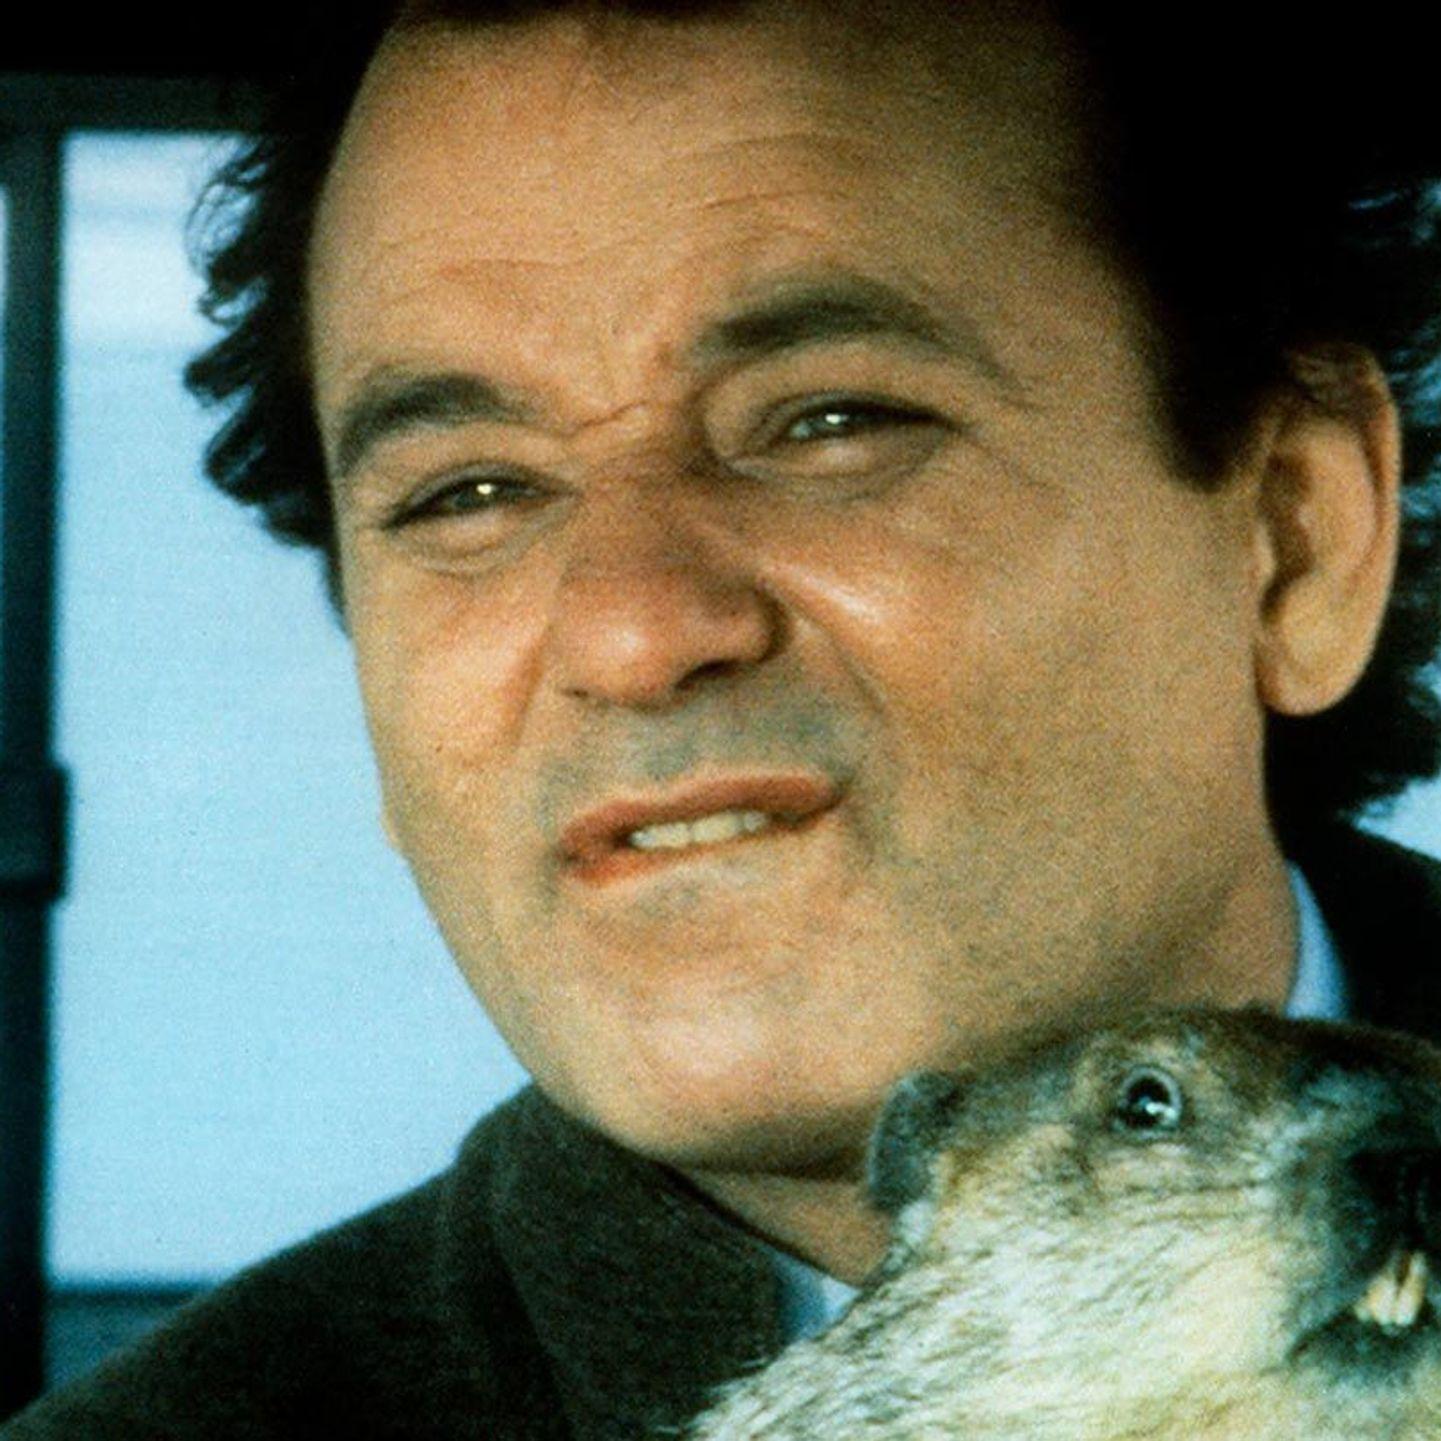 Bill Murray Movies: Groundhog Day